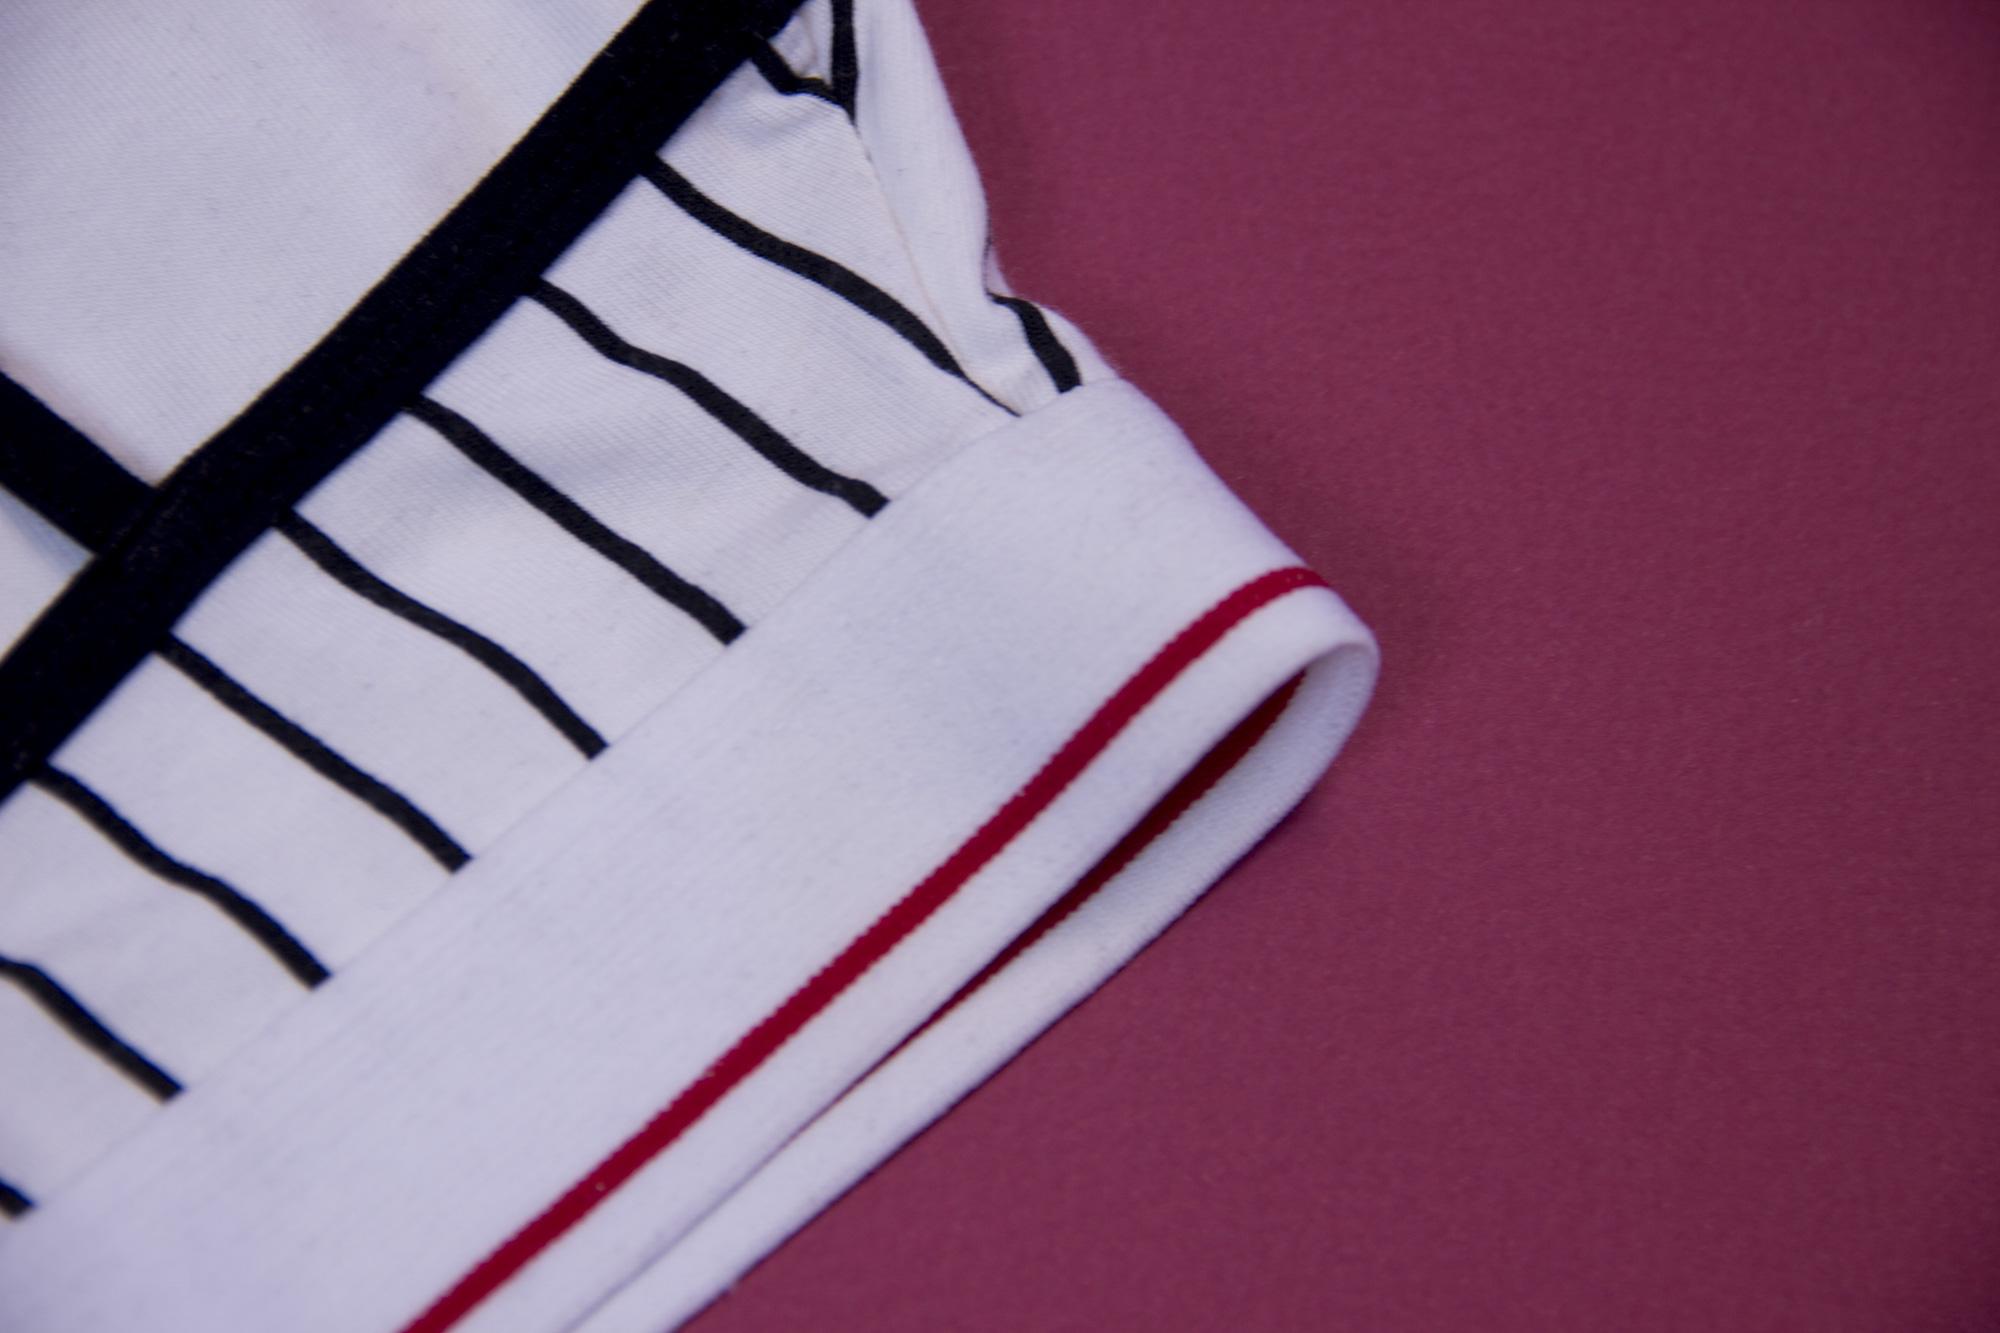 Обзор нижнего белья Undiz в журнале о нижнем белье и стиле GB {Garterblog.ru}